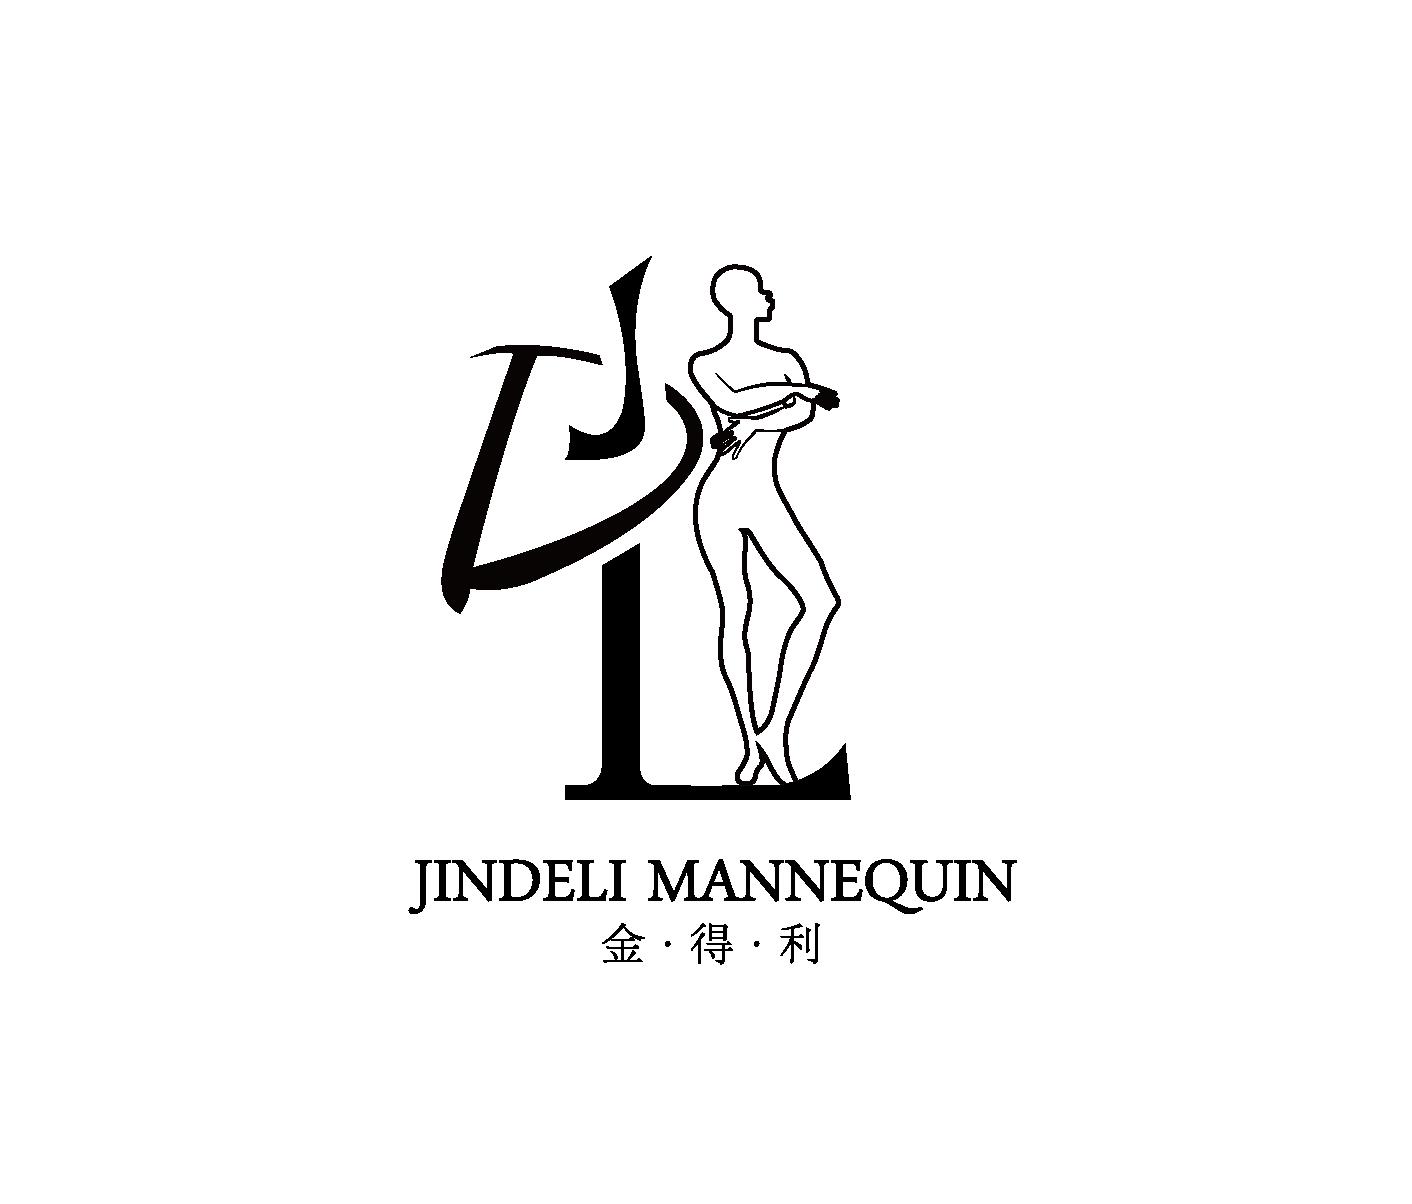 """深圳市金得利模特儿衣架有限公司成立于1992年,专业生产玻璃钢橱窗展示道具、服装模特,立裁板房模特、衣架等产品。我司开发的制衣专用板房人台吊模,采用进口的玻璃钢纤维及耐用的PU胶材料制造,坚固耐用的可调支架,并可伸缩肩膀、腿围以及臀围;品种齐全,有英、美、德、日、中等多国尺寸供客户选购。 本司生产出来的板房模特外表线条流畅,尺寸精确,造形完美,产品得到广泛好评,各大服装厂商及洋行也都乐于采用我司所生产的板房吊模。本司一贯坚持""""品质至上,客户第一""""的宗旨,以严谨的态度、精心的制作、不断"""